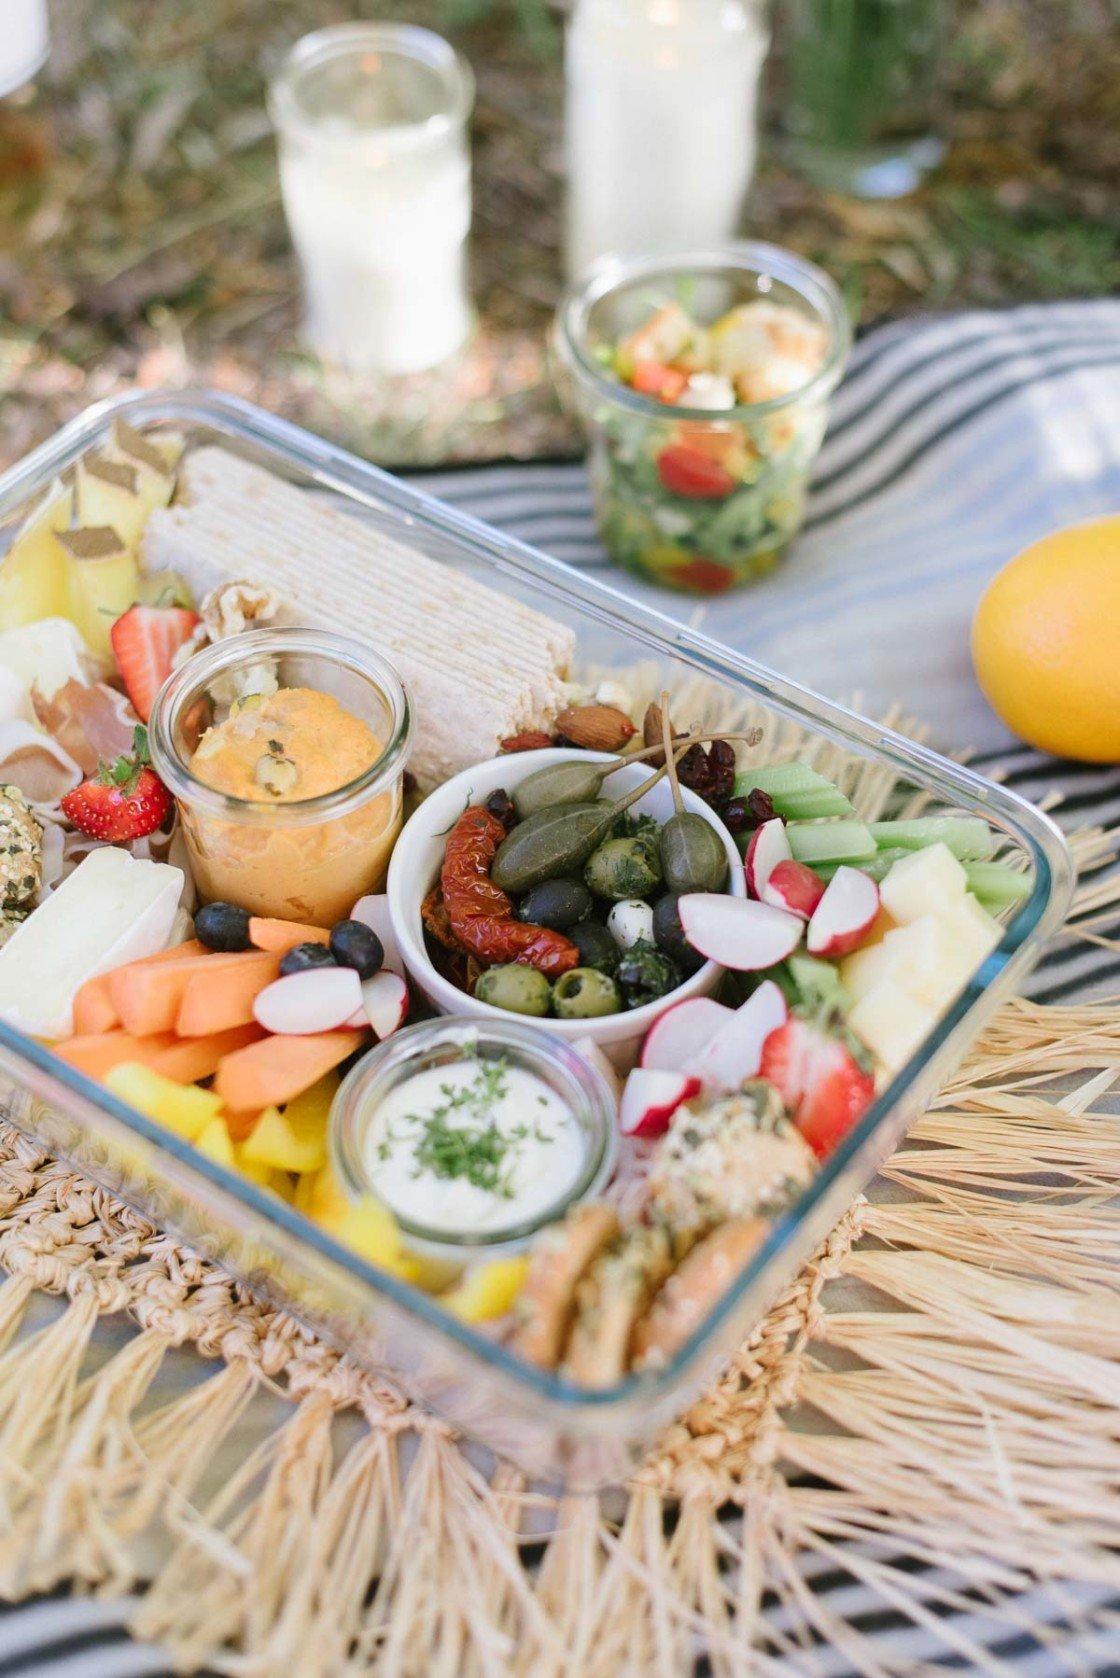 Picknick Idee: Schön leckere Snackbox - Fräulein K. Sagt Ja